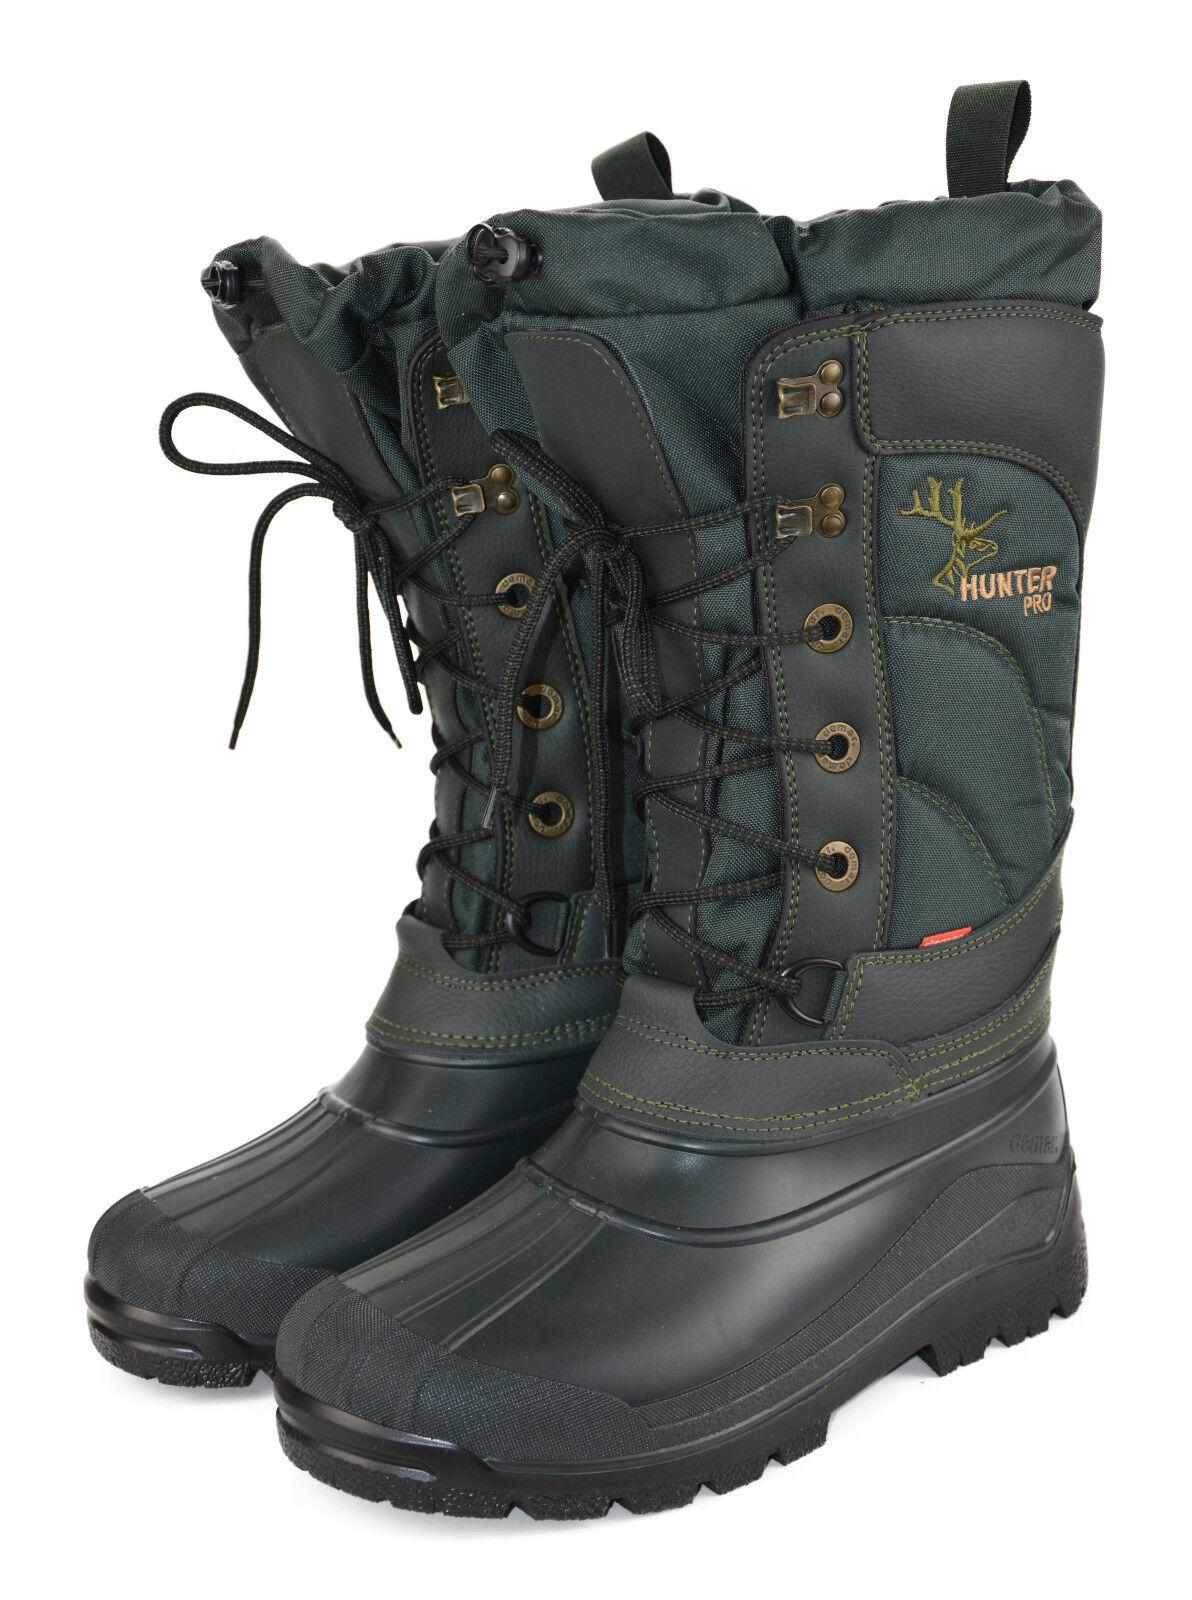 Demar Hunter pro cazador botas caza zapatos botas de invierno caza 100% impermeable